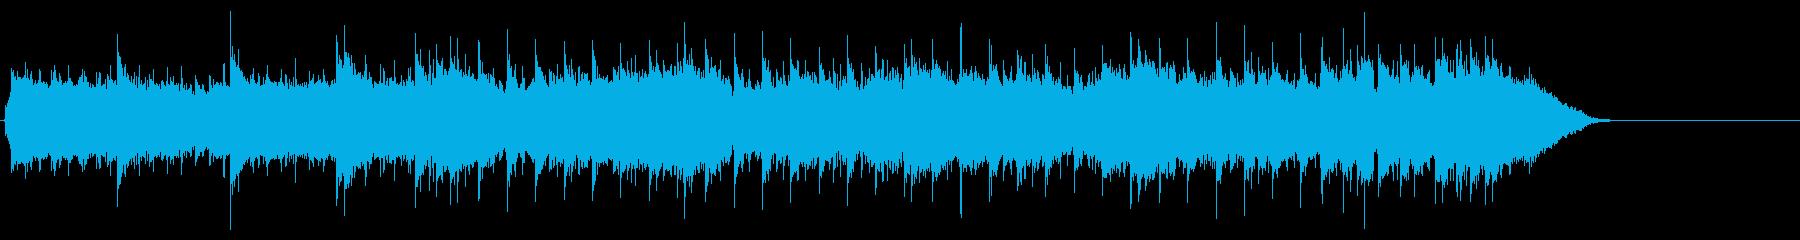 パワフルなギターロックの再生済みの波形